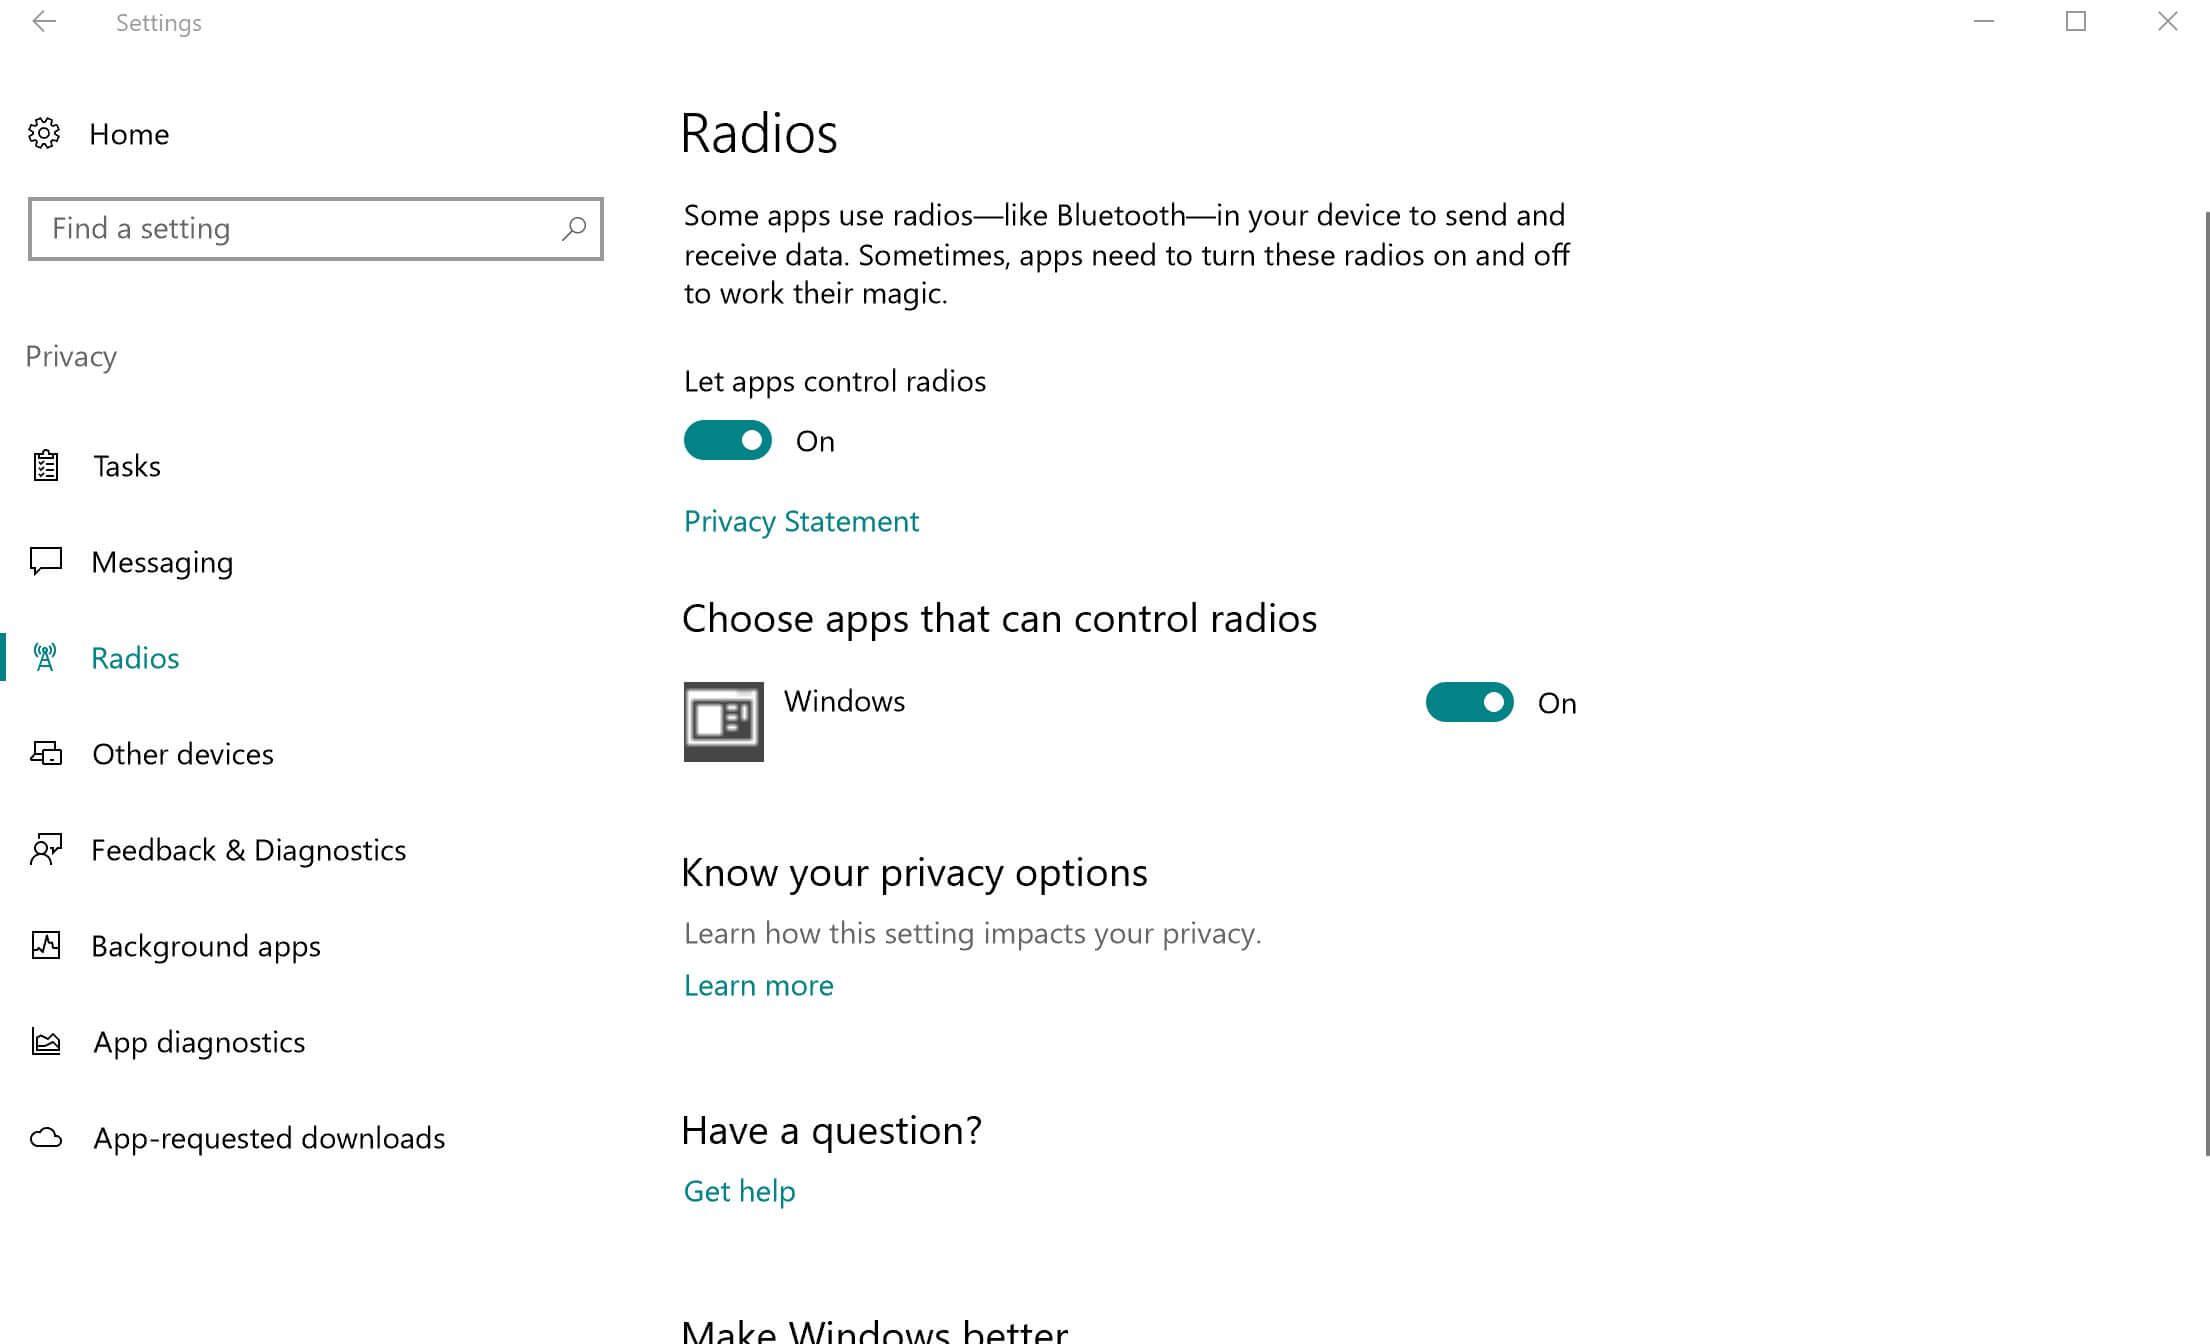 The radio settings in Windows 10